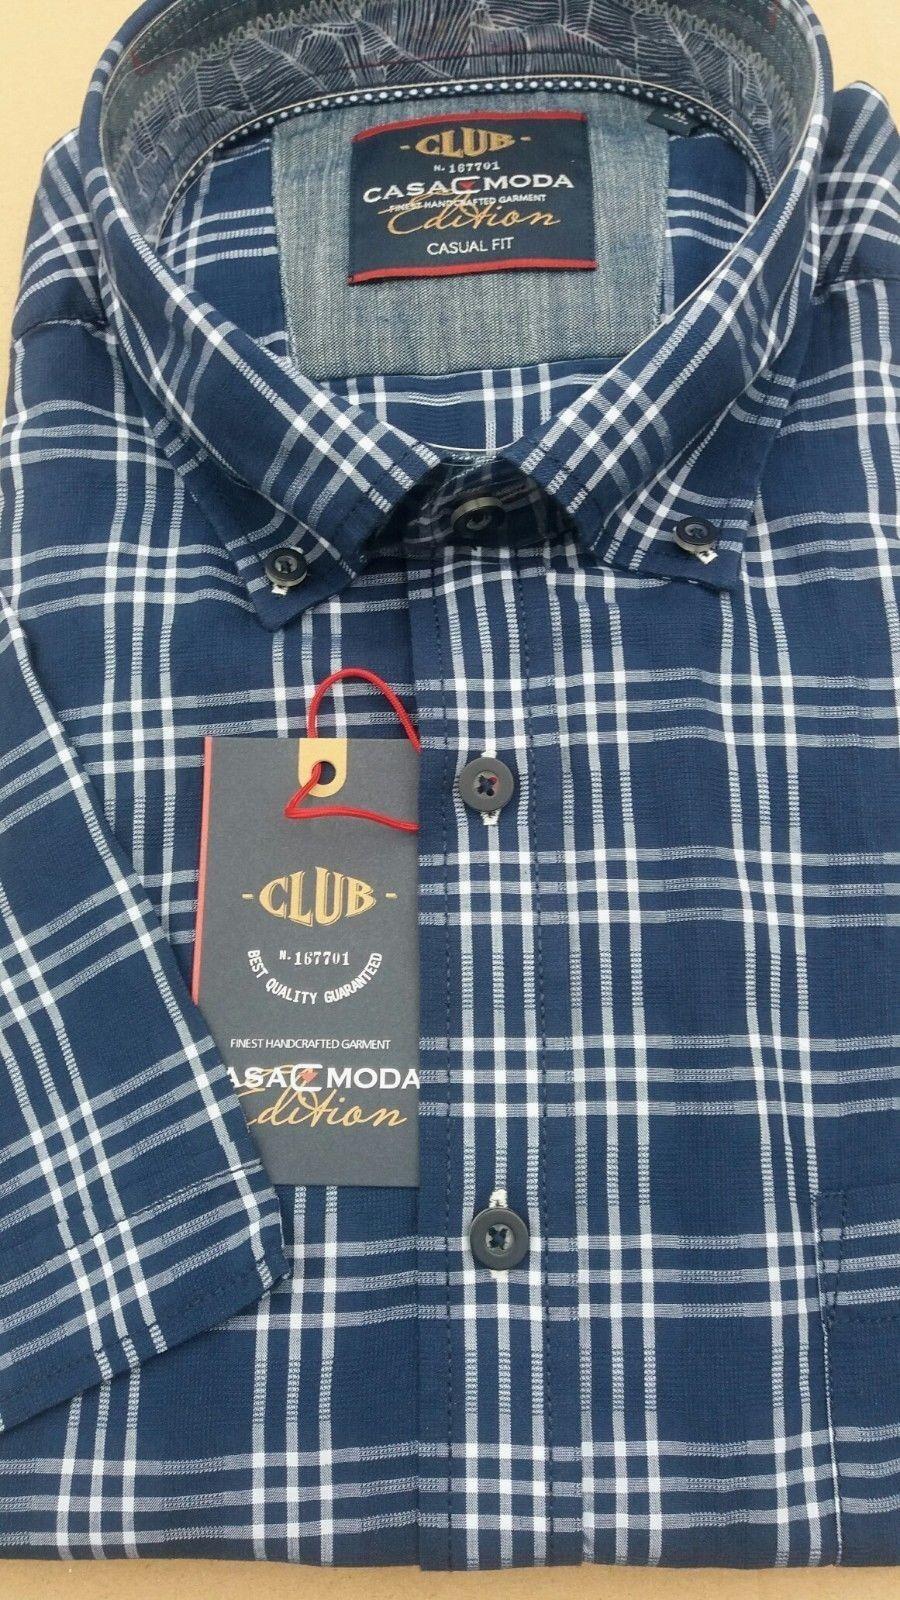 CASA MODA MODA MODA Blu Navy Check Camicia 2XL 3073516 2xl 3XL4XL5XL6XL 7XL 28125c